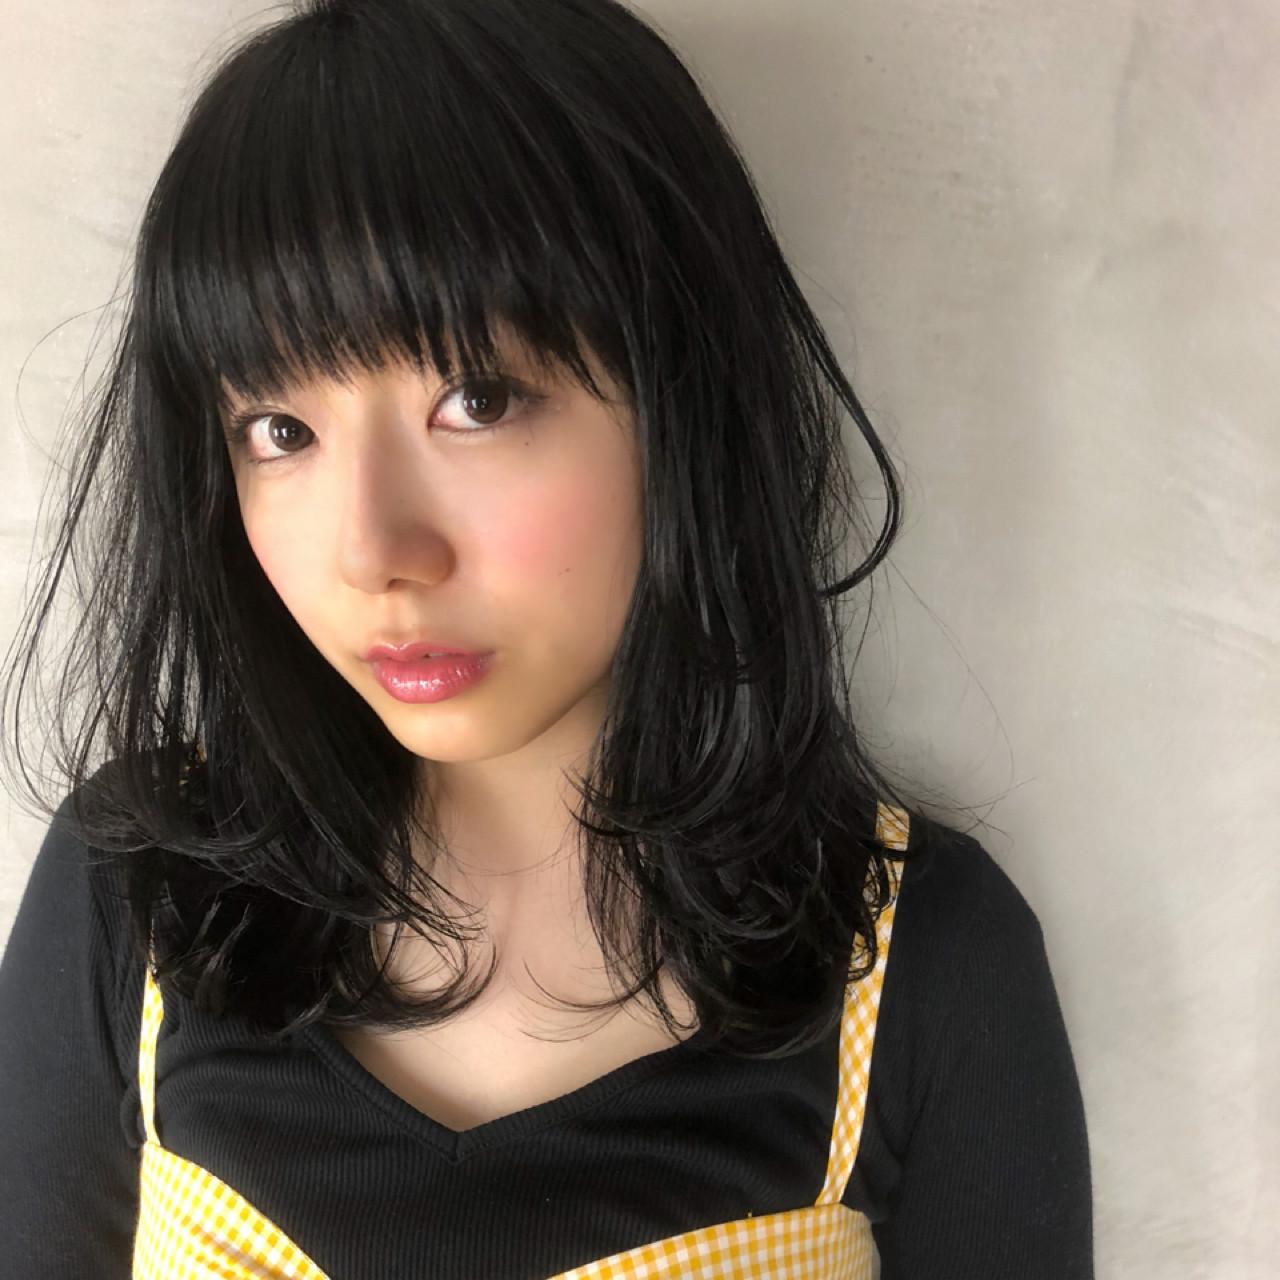 ミディアム 大人かわいい フェミニン 黒髪 ヘアスタイルや髪型の写真・画像